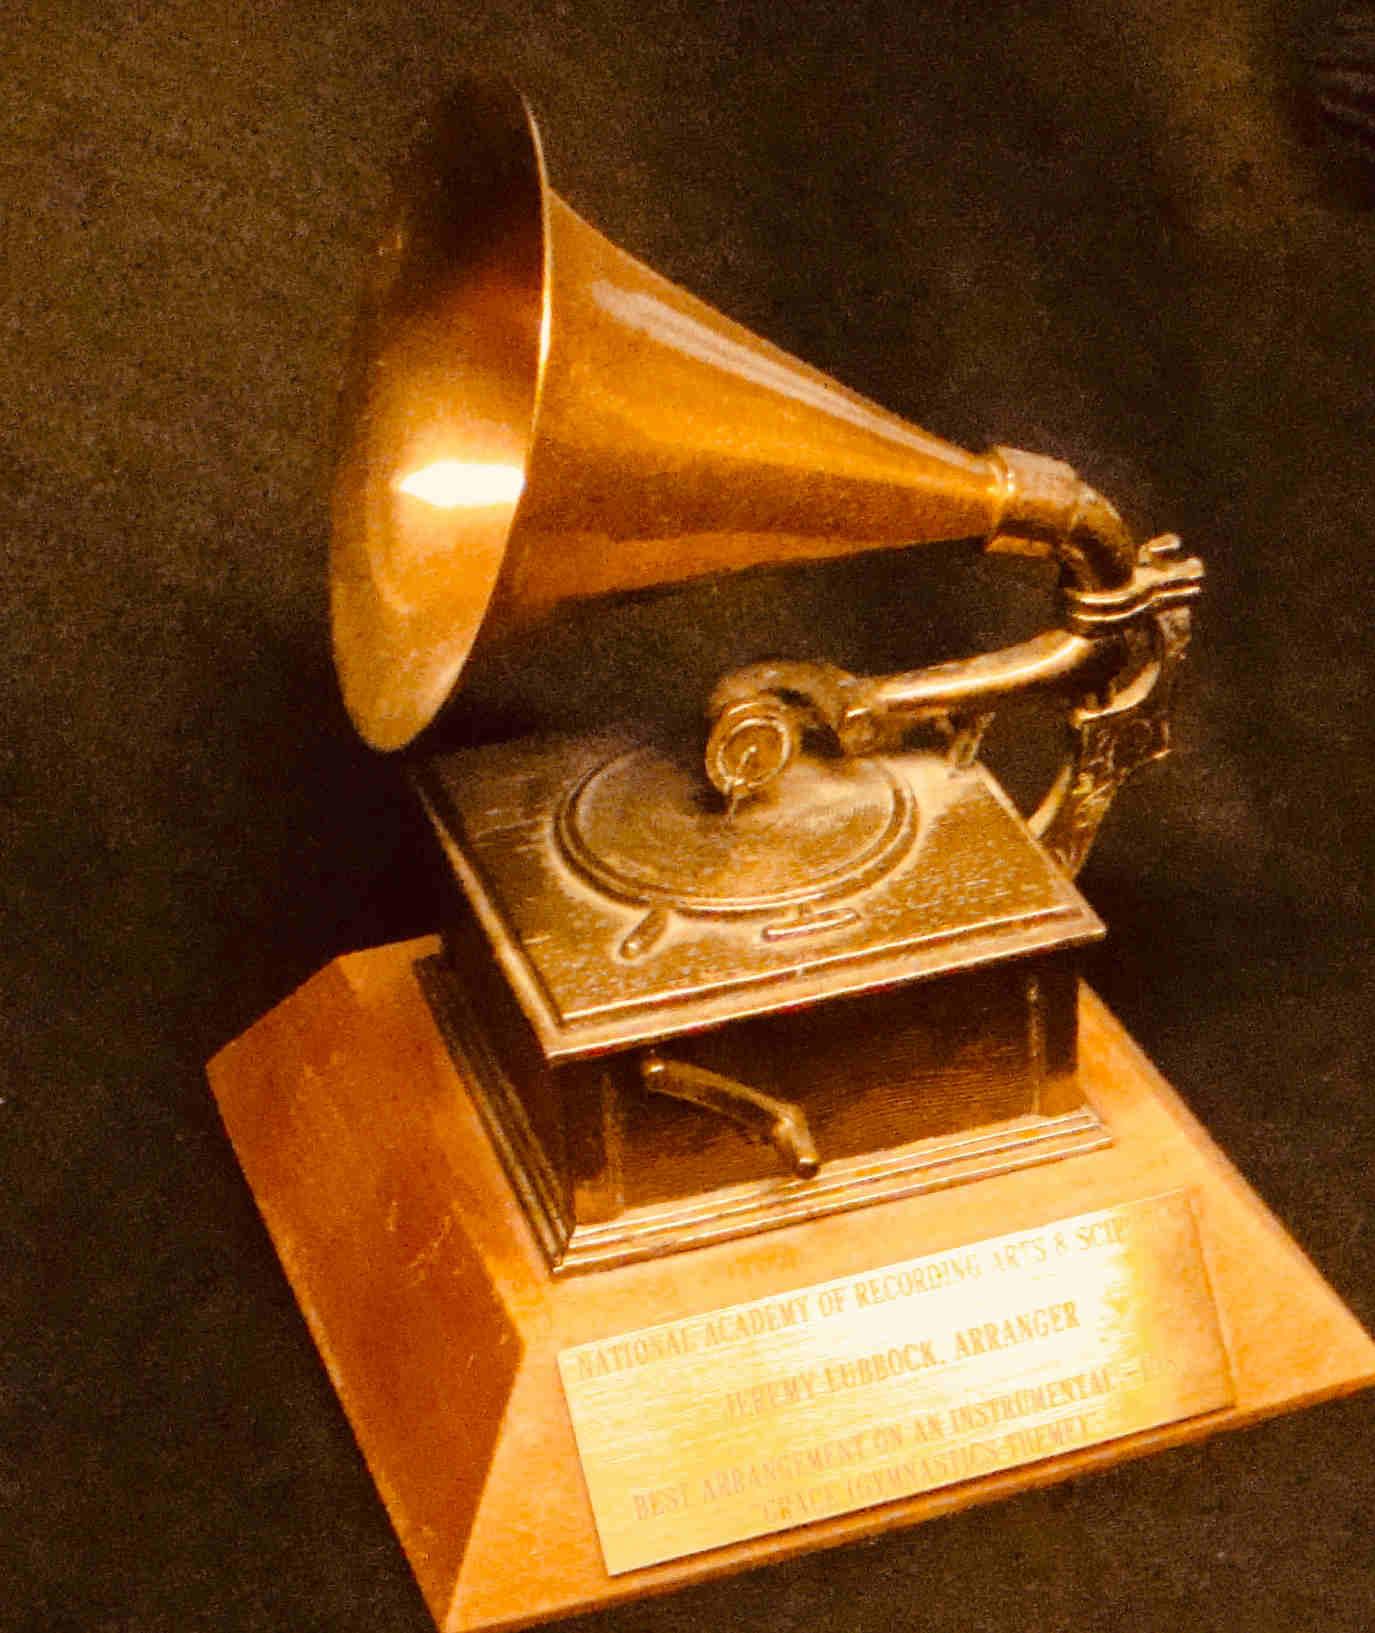 Grammy - 1984 Olympic Gymnastics Theme